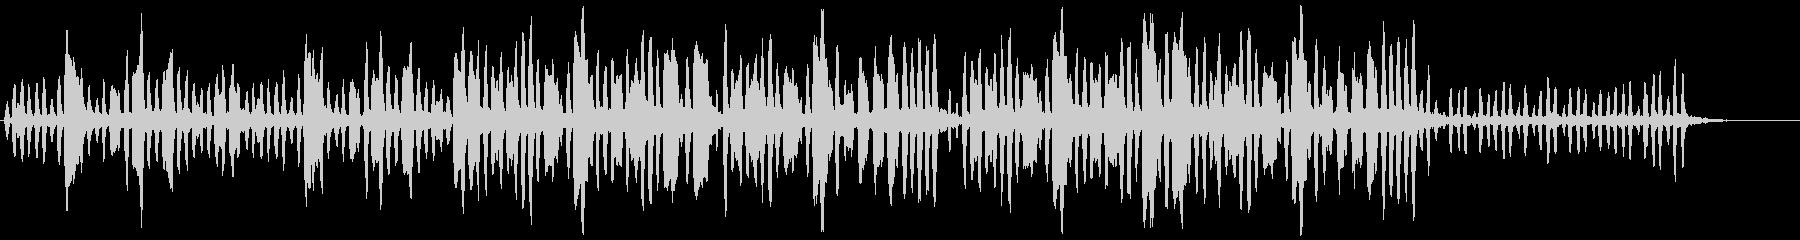 リコーダーの元気で可愛い曲1の未再生の波形